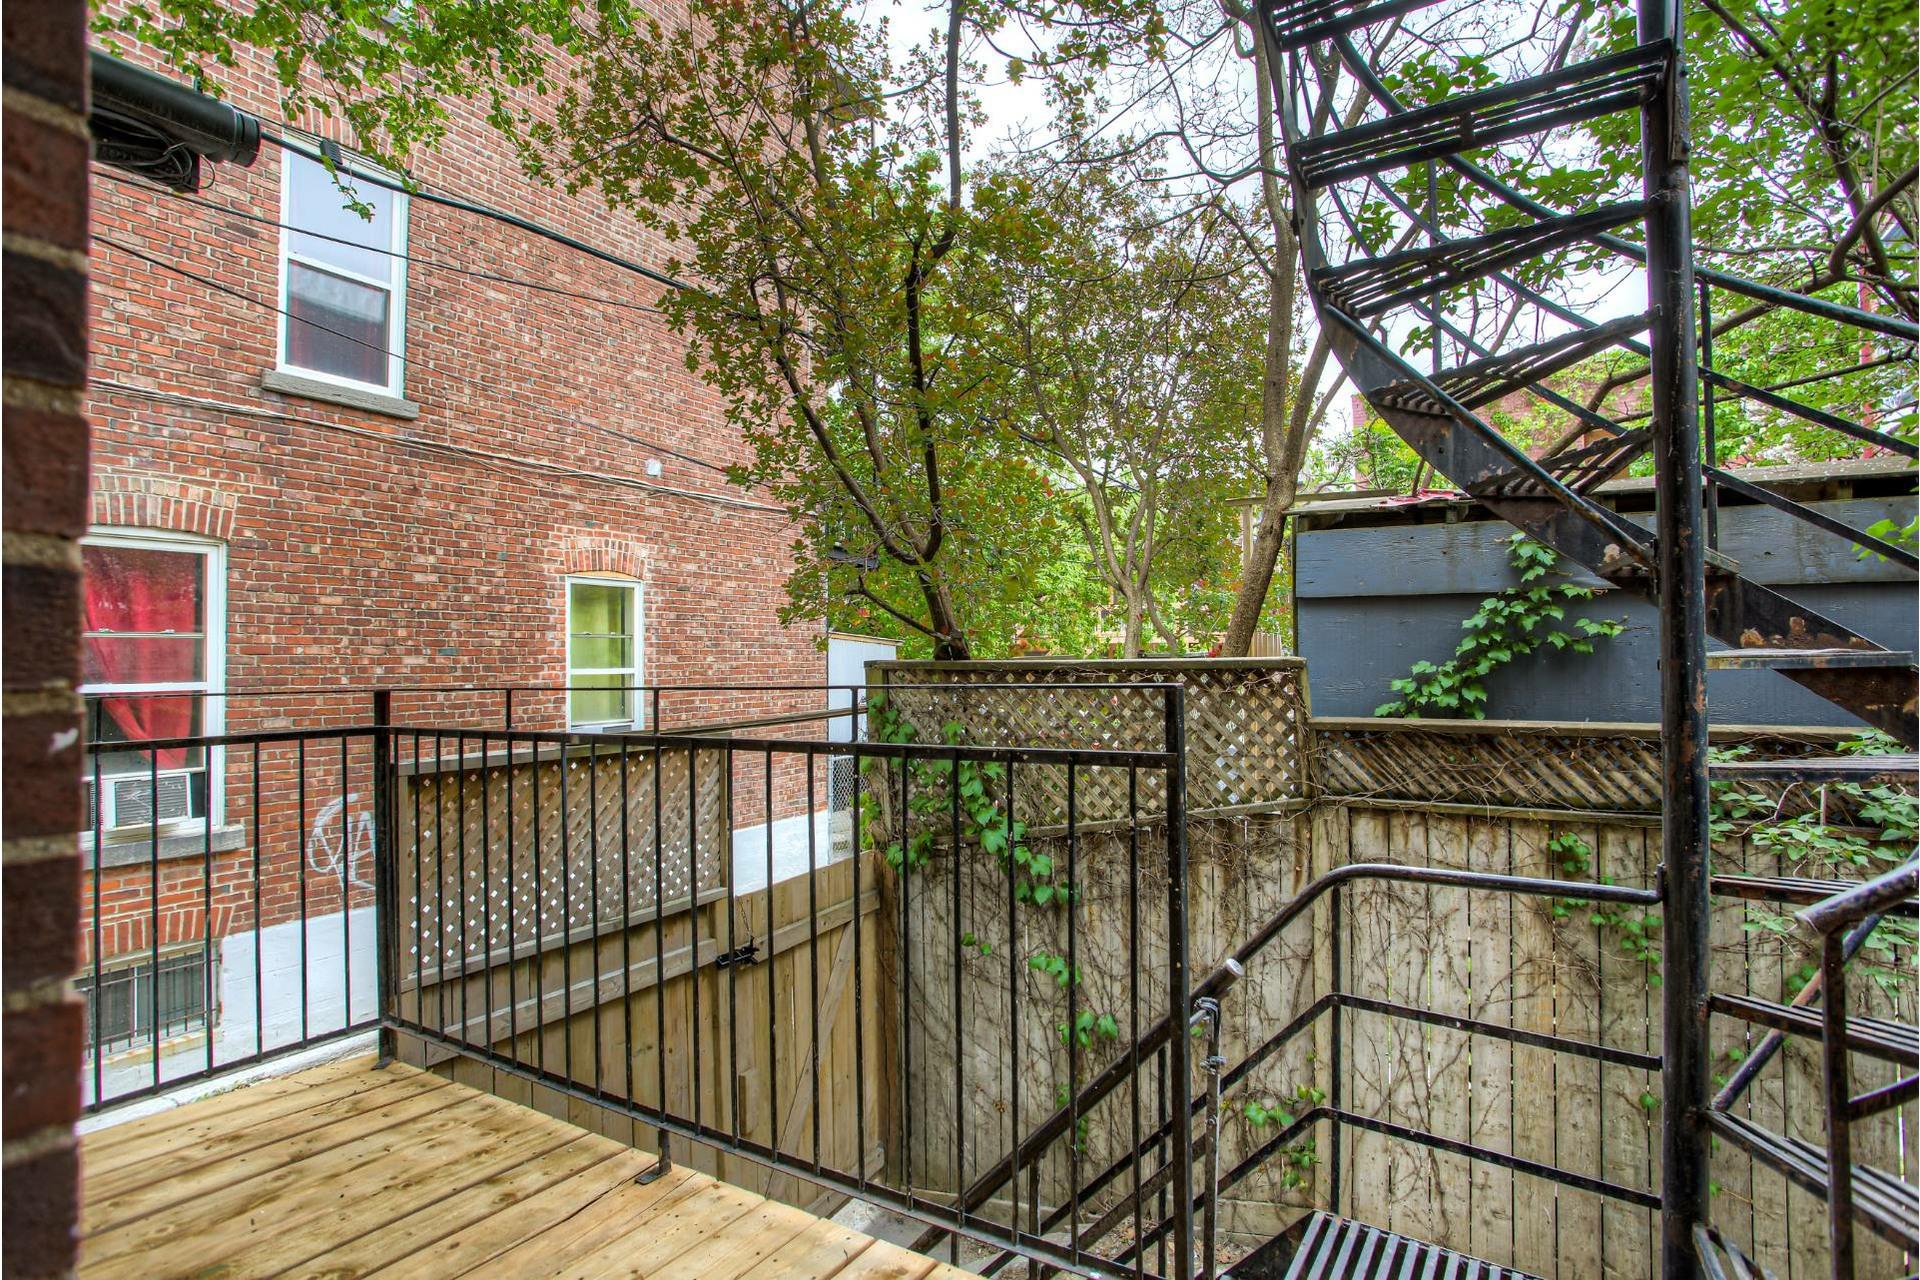 image 28 - Duplex À vendre Mercier/Hochelaga-Maisonneuve Montréal  - 4 pièces